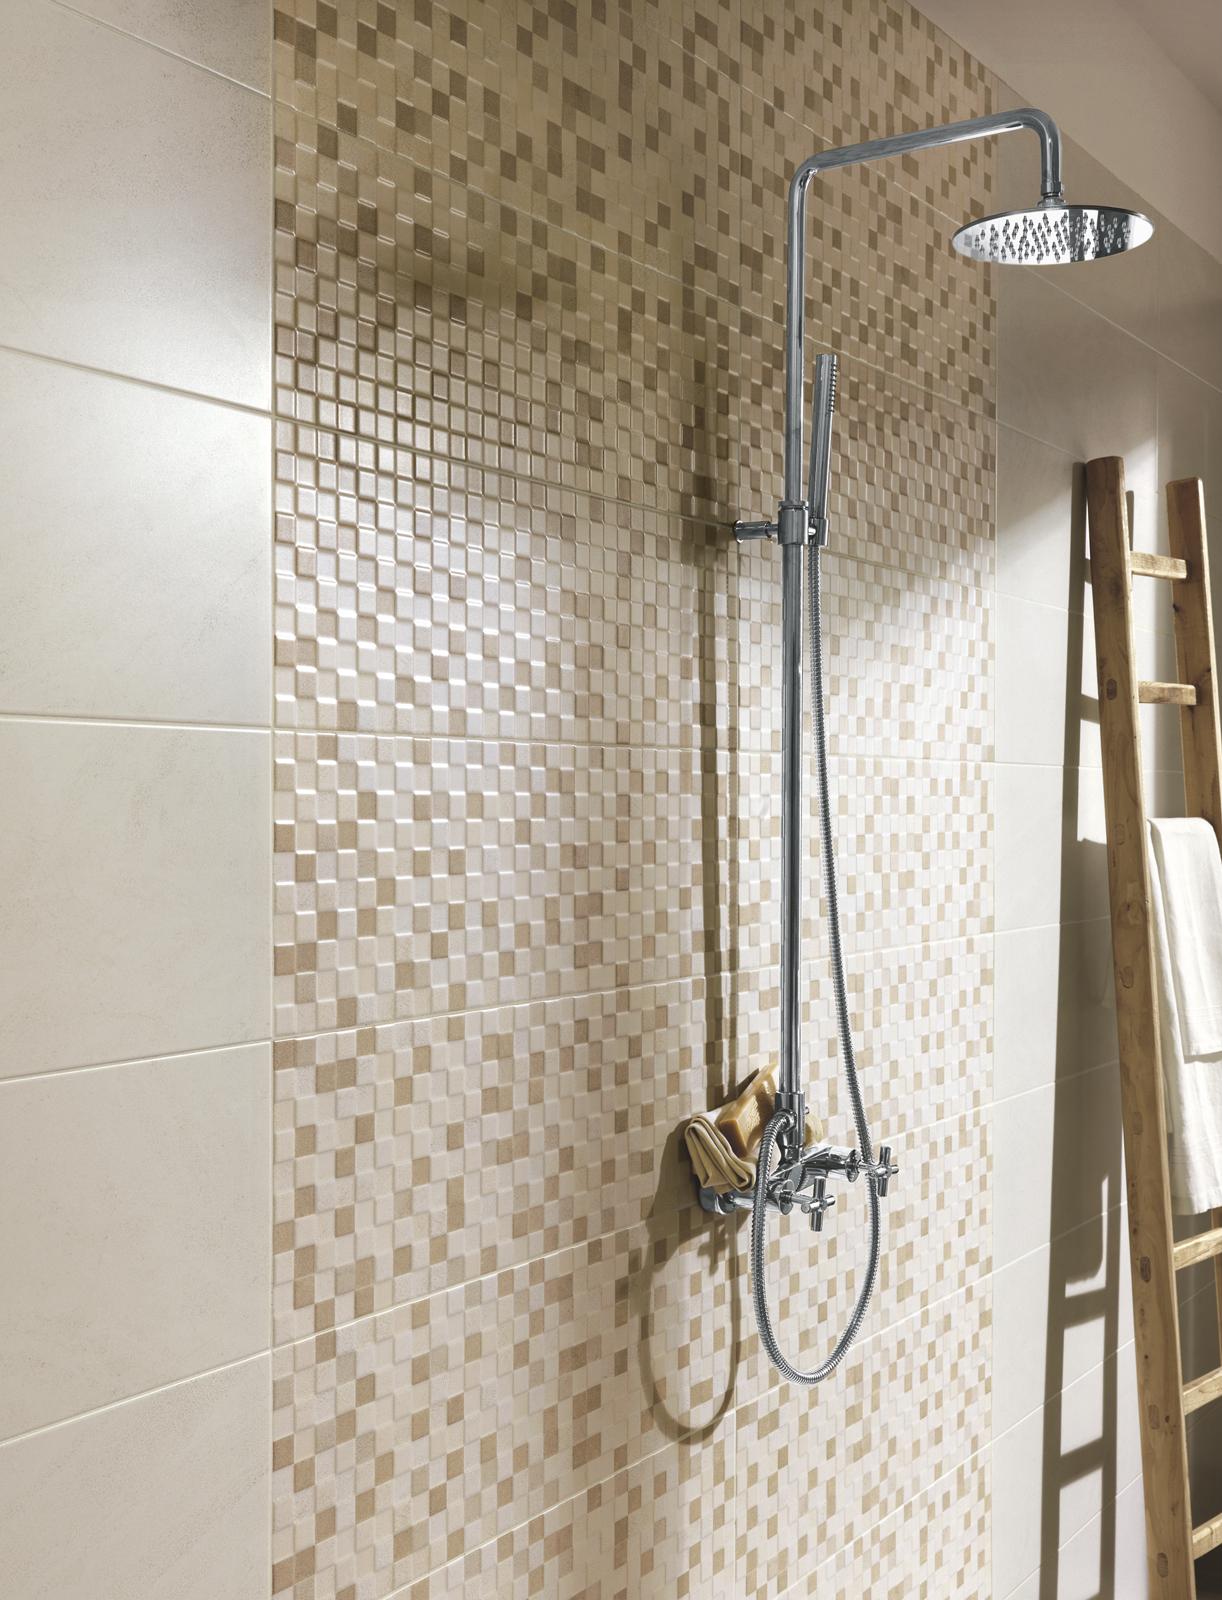 Mattonelle A Mosaico Per Bagno. Mosaico Cucina Bagno Vetro With ...